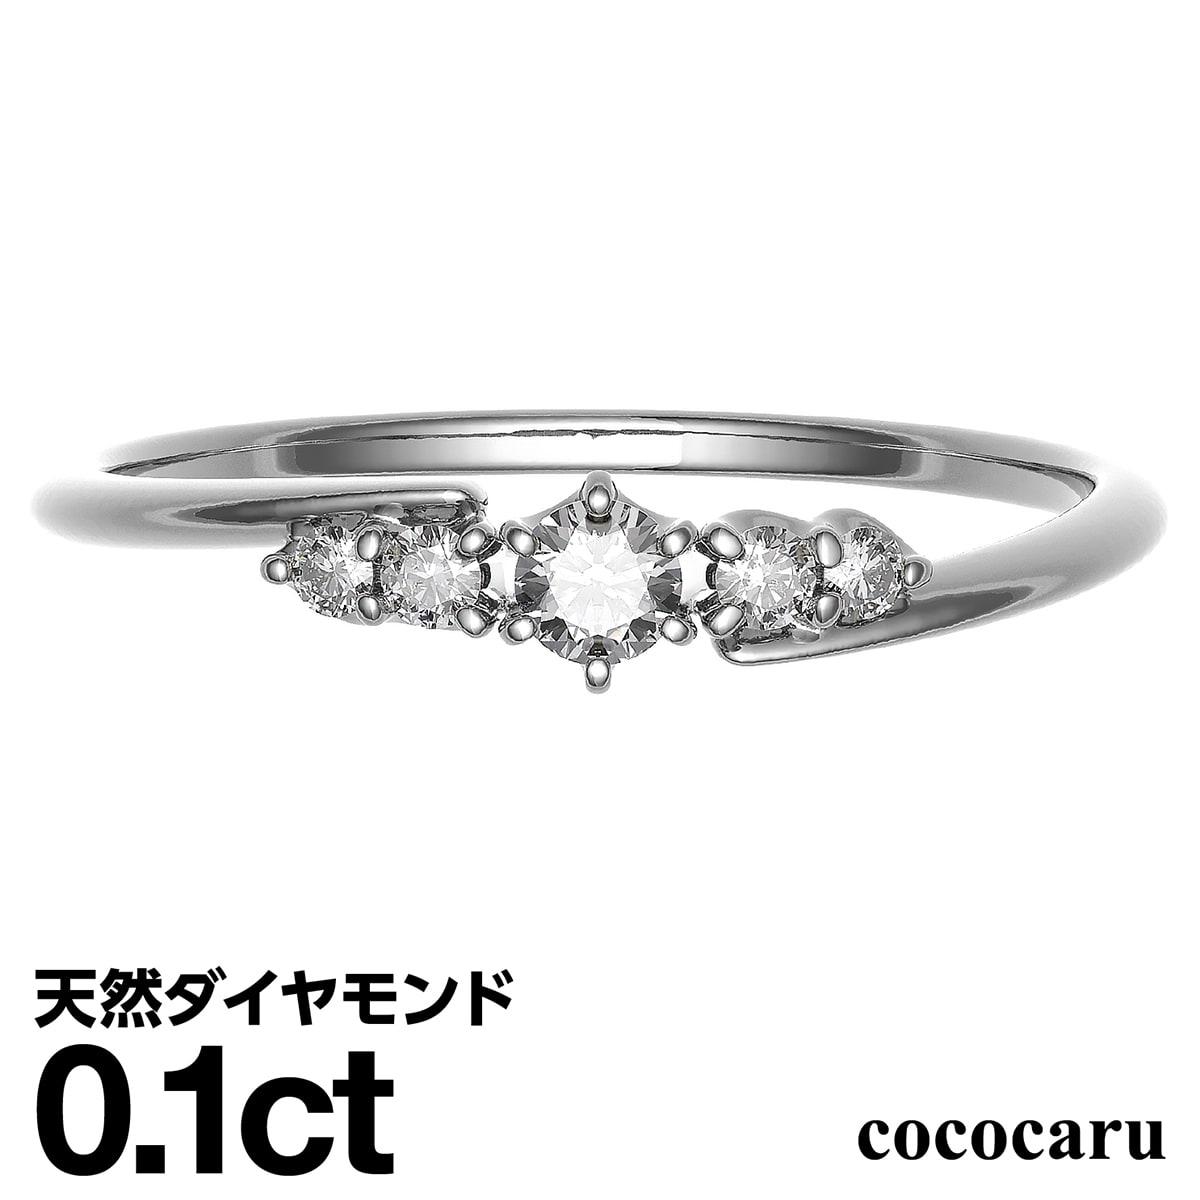 ダイヤモンド リング プラチナ900 ファッションリング 品質保証書 金属アレルギー 日本製 誕生日 ギフト